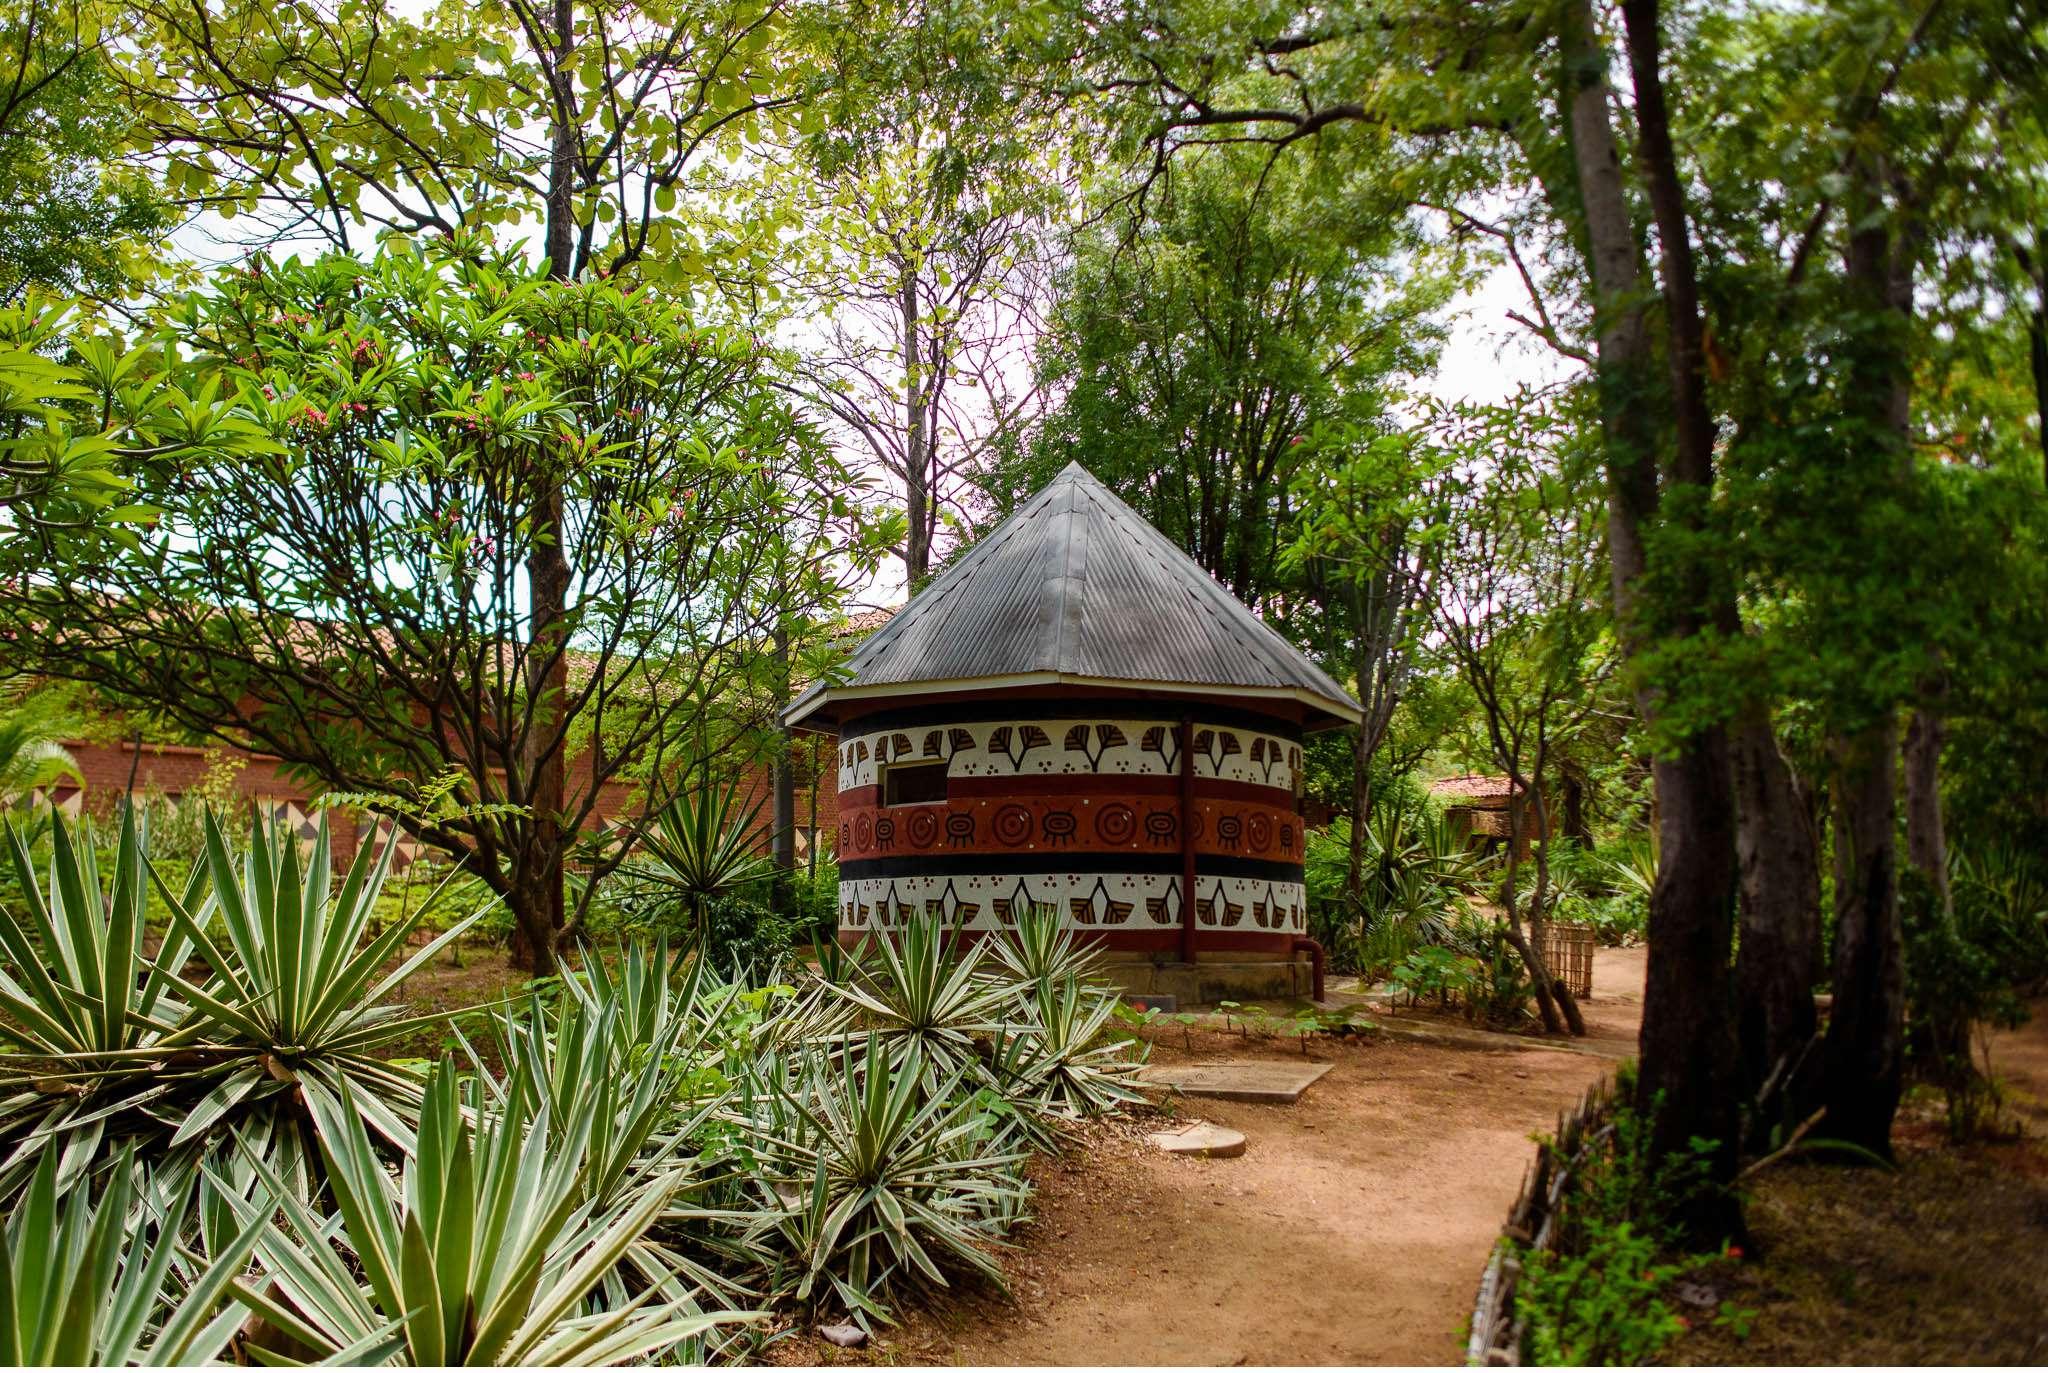 Malawi-Quer durch Afrika- Geschichten von unterwegs by Marion and Daniel-36